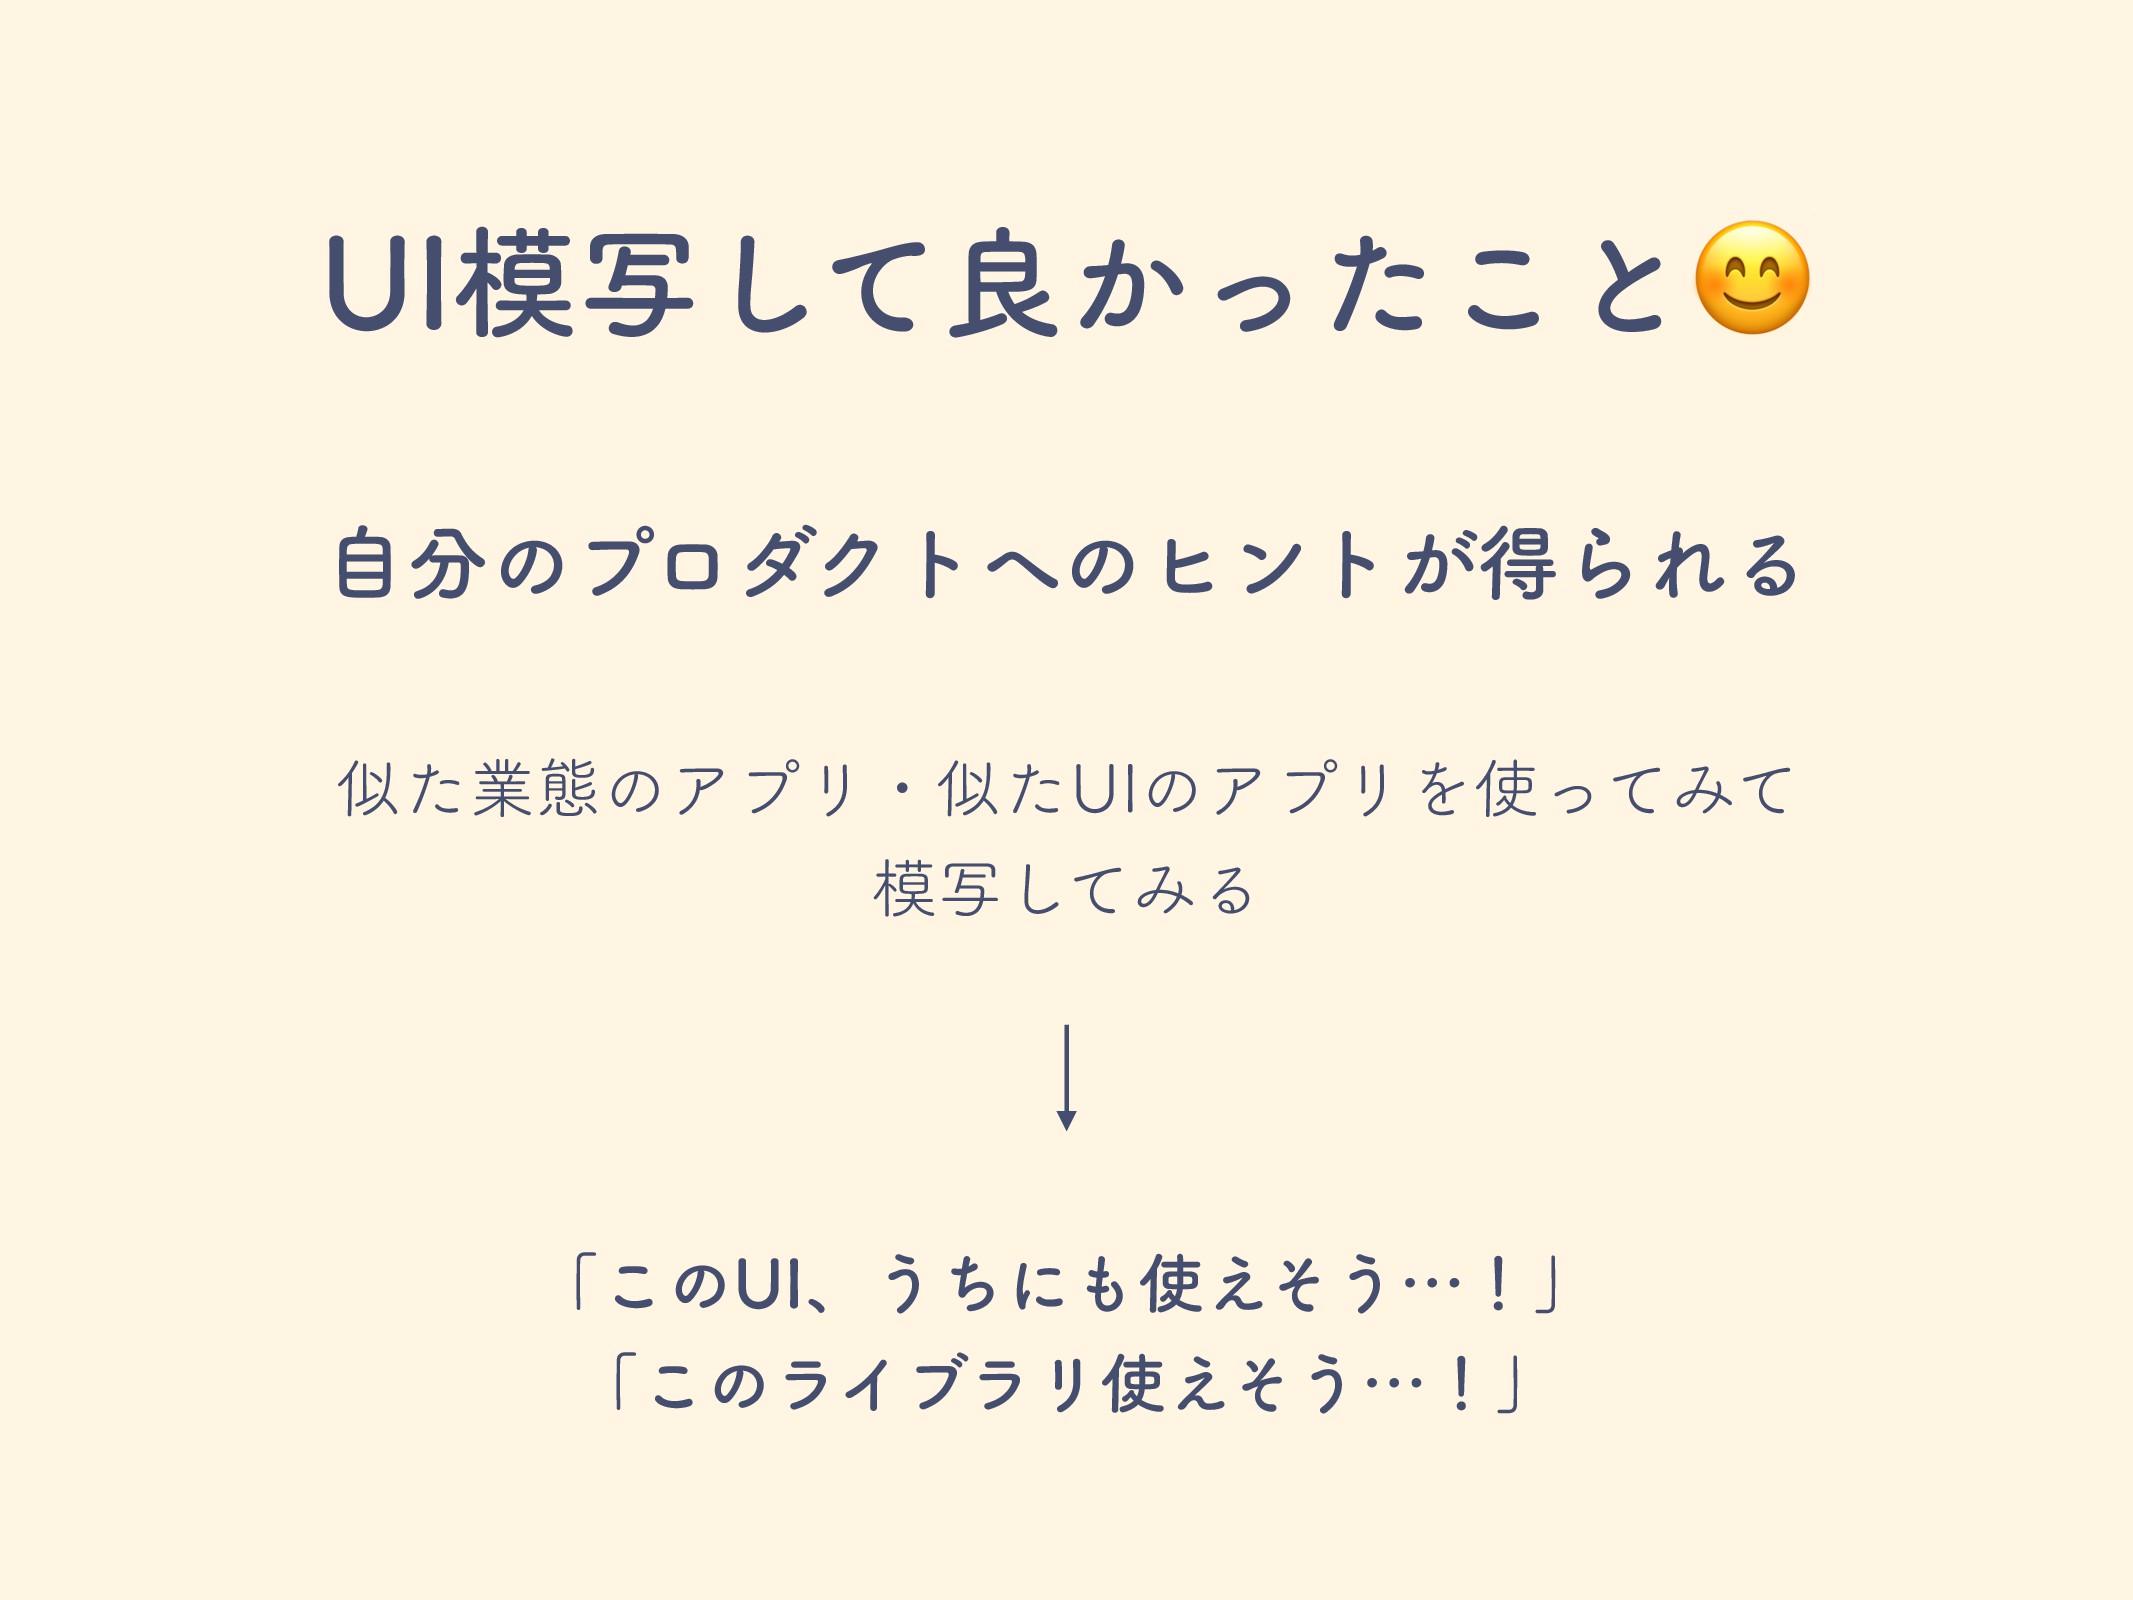 6*ࣸͯ͠ྑ͔ͬͨ͜ͱ ͨۀଶͷΞϓϦɾͨ6*ͷΞϓϦΛͬͯΈͯ ࣸͯ͠ΈΔ ࣗ...